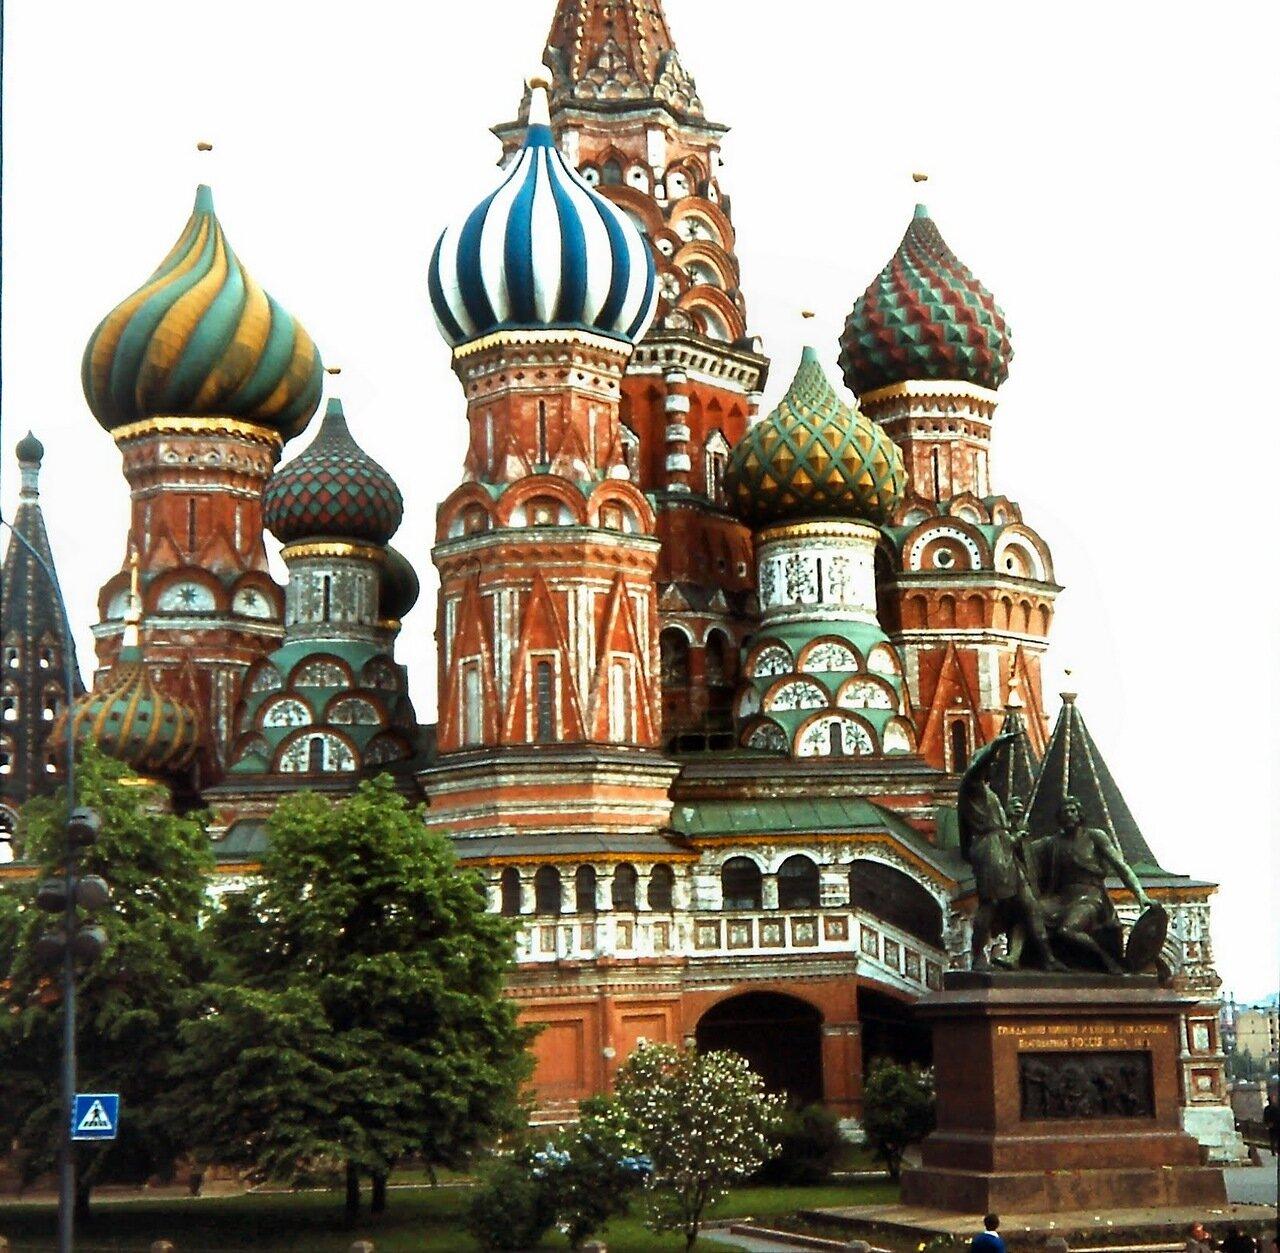 MOSCOU - C'est pour célébrer la prise de Kazan par les troupes russes, en 1552, que le tsar Ivan IV ordonna, en 1555, la construction de l'église de l'Intercession-de-la-Vierge-sur-le-Fossé, plus connue sous le nom de Basile le Bienheureux.